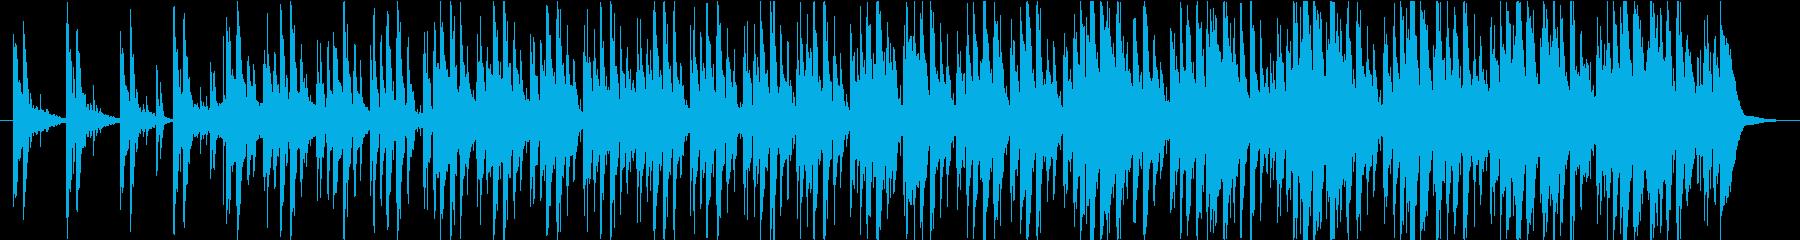 動画 サスペンス ハイテク バック...の再生済みの波形